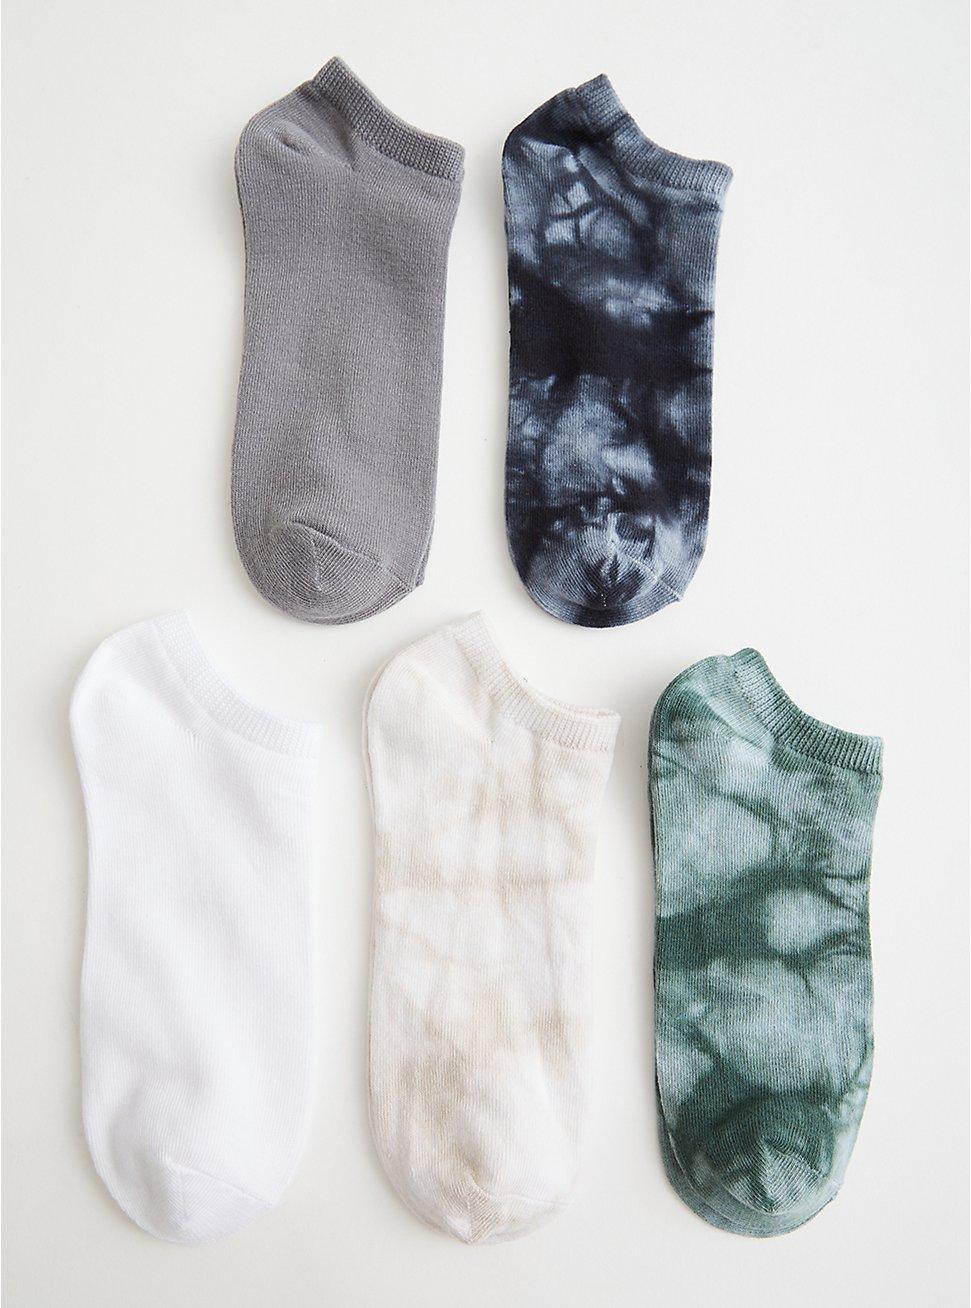 Multi Tie Dye No Show Socks - Pack of 5, TIE DYE, hi-res